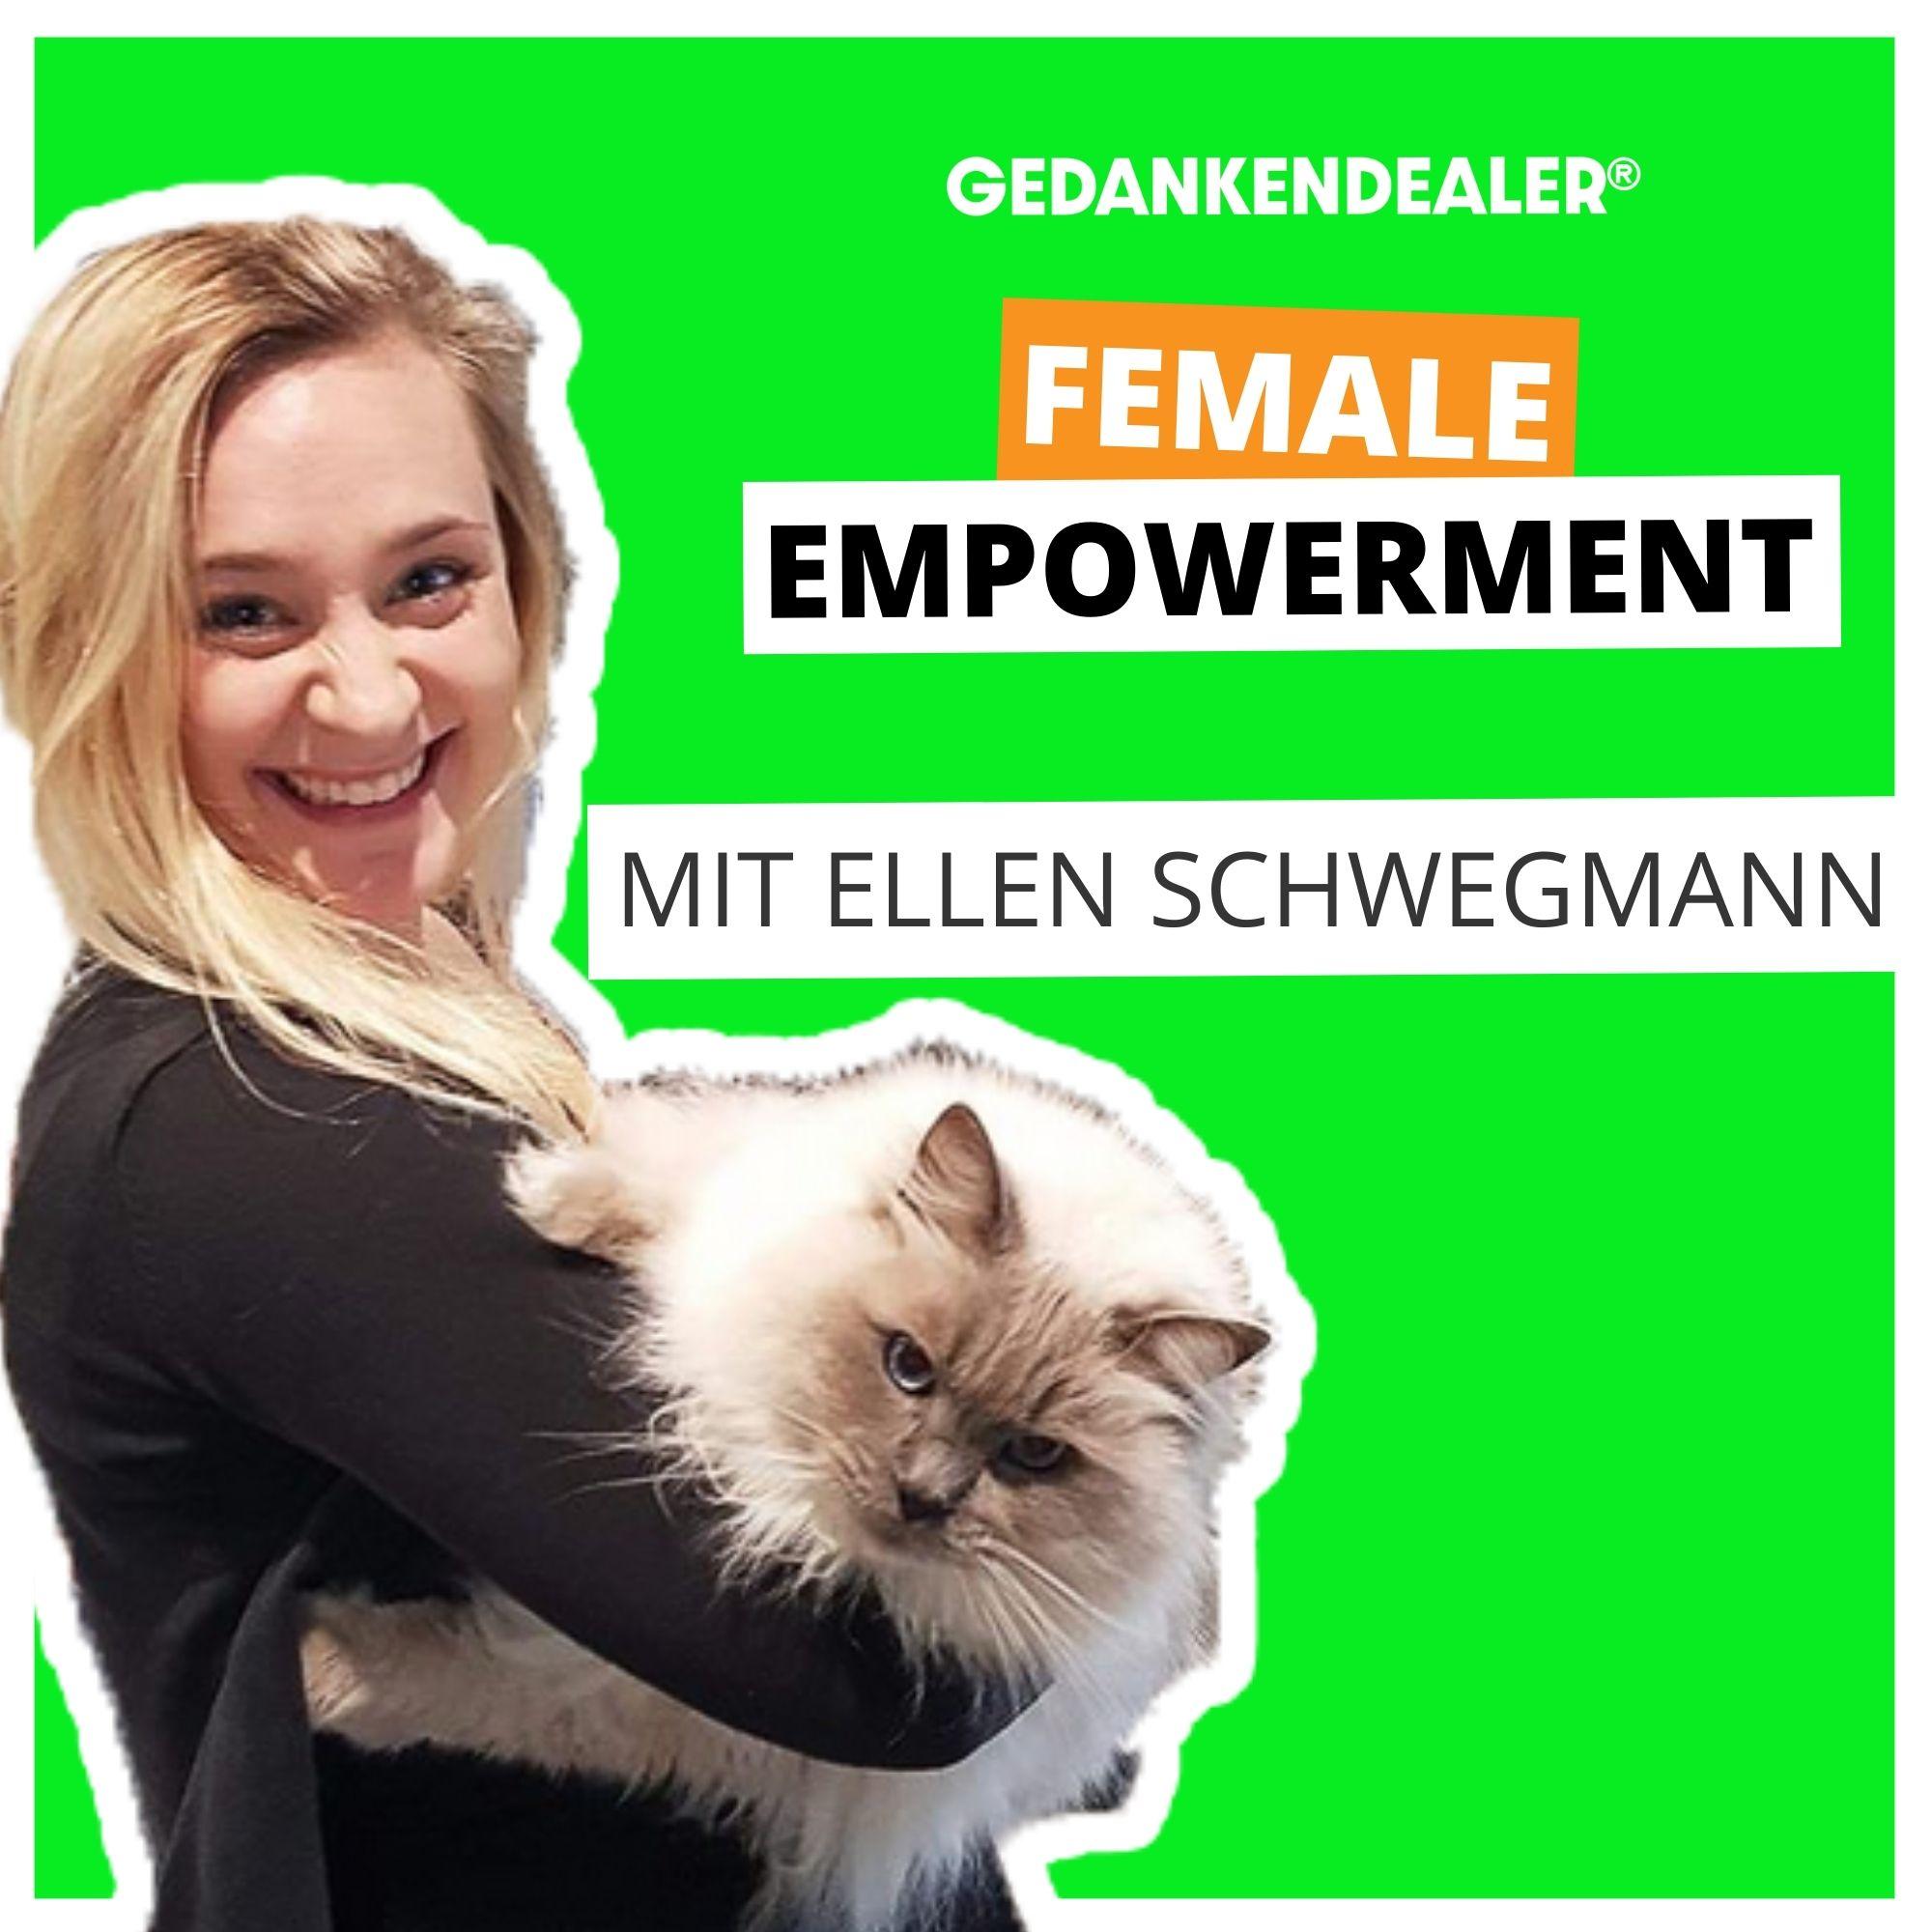 Female Empowerment – im talk mit Ellen Schwegmann